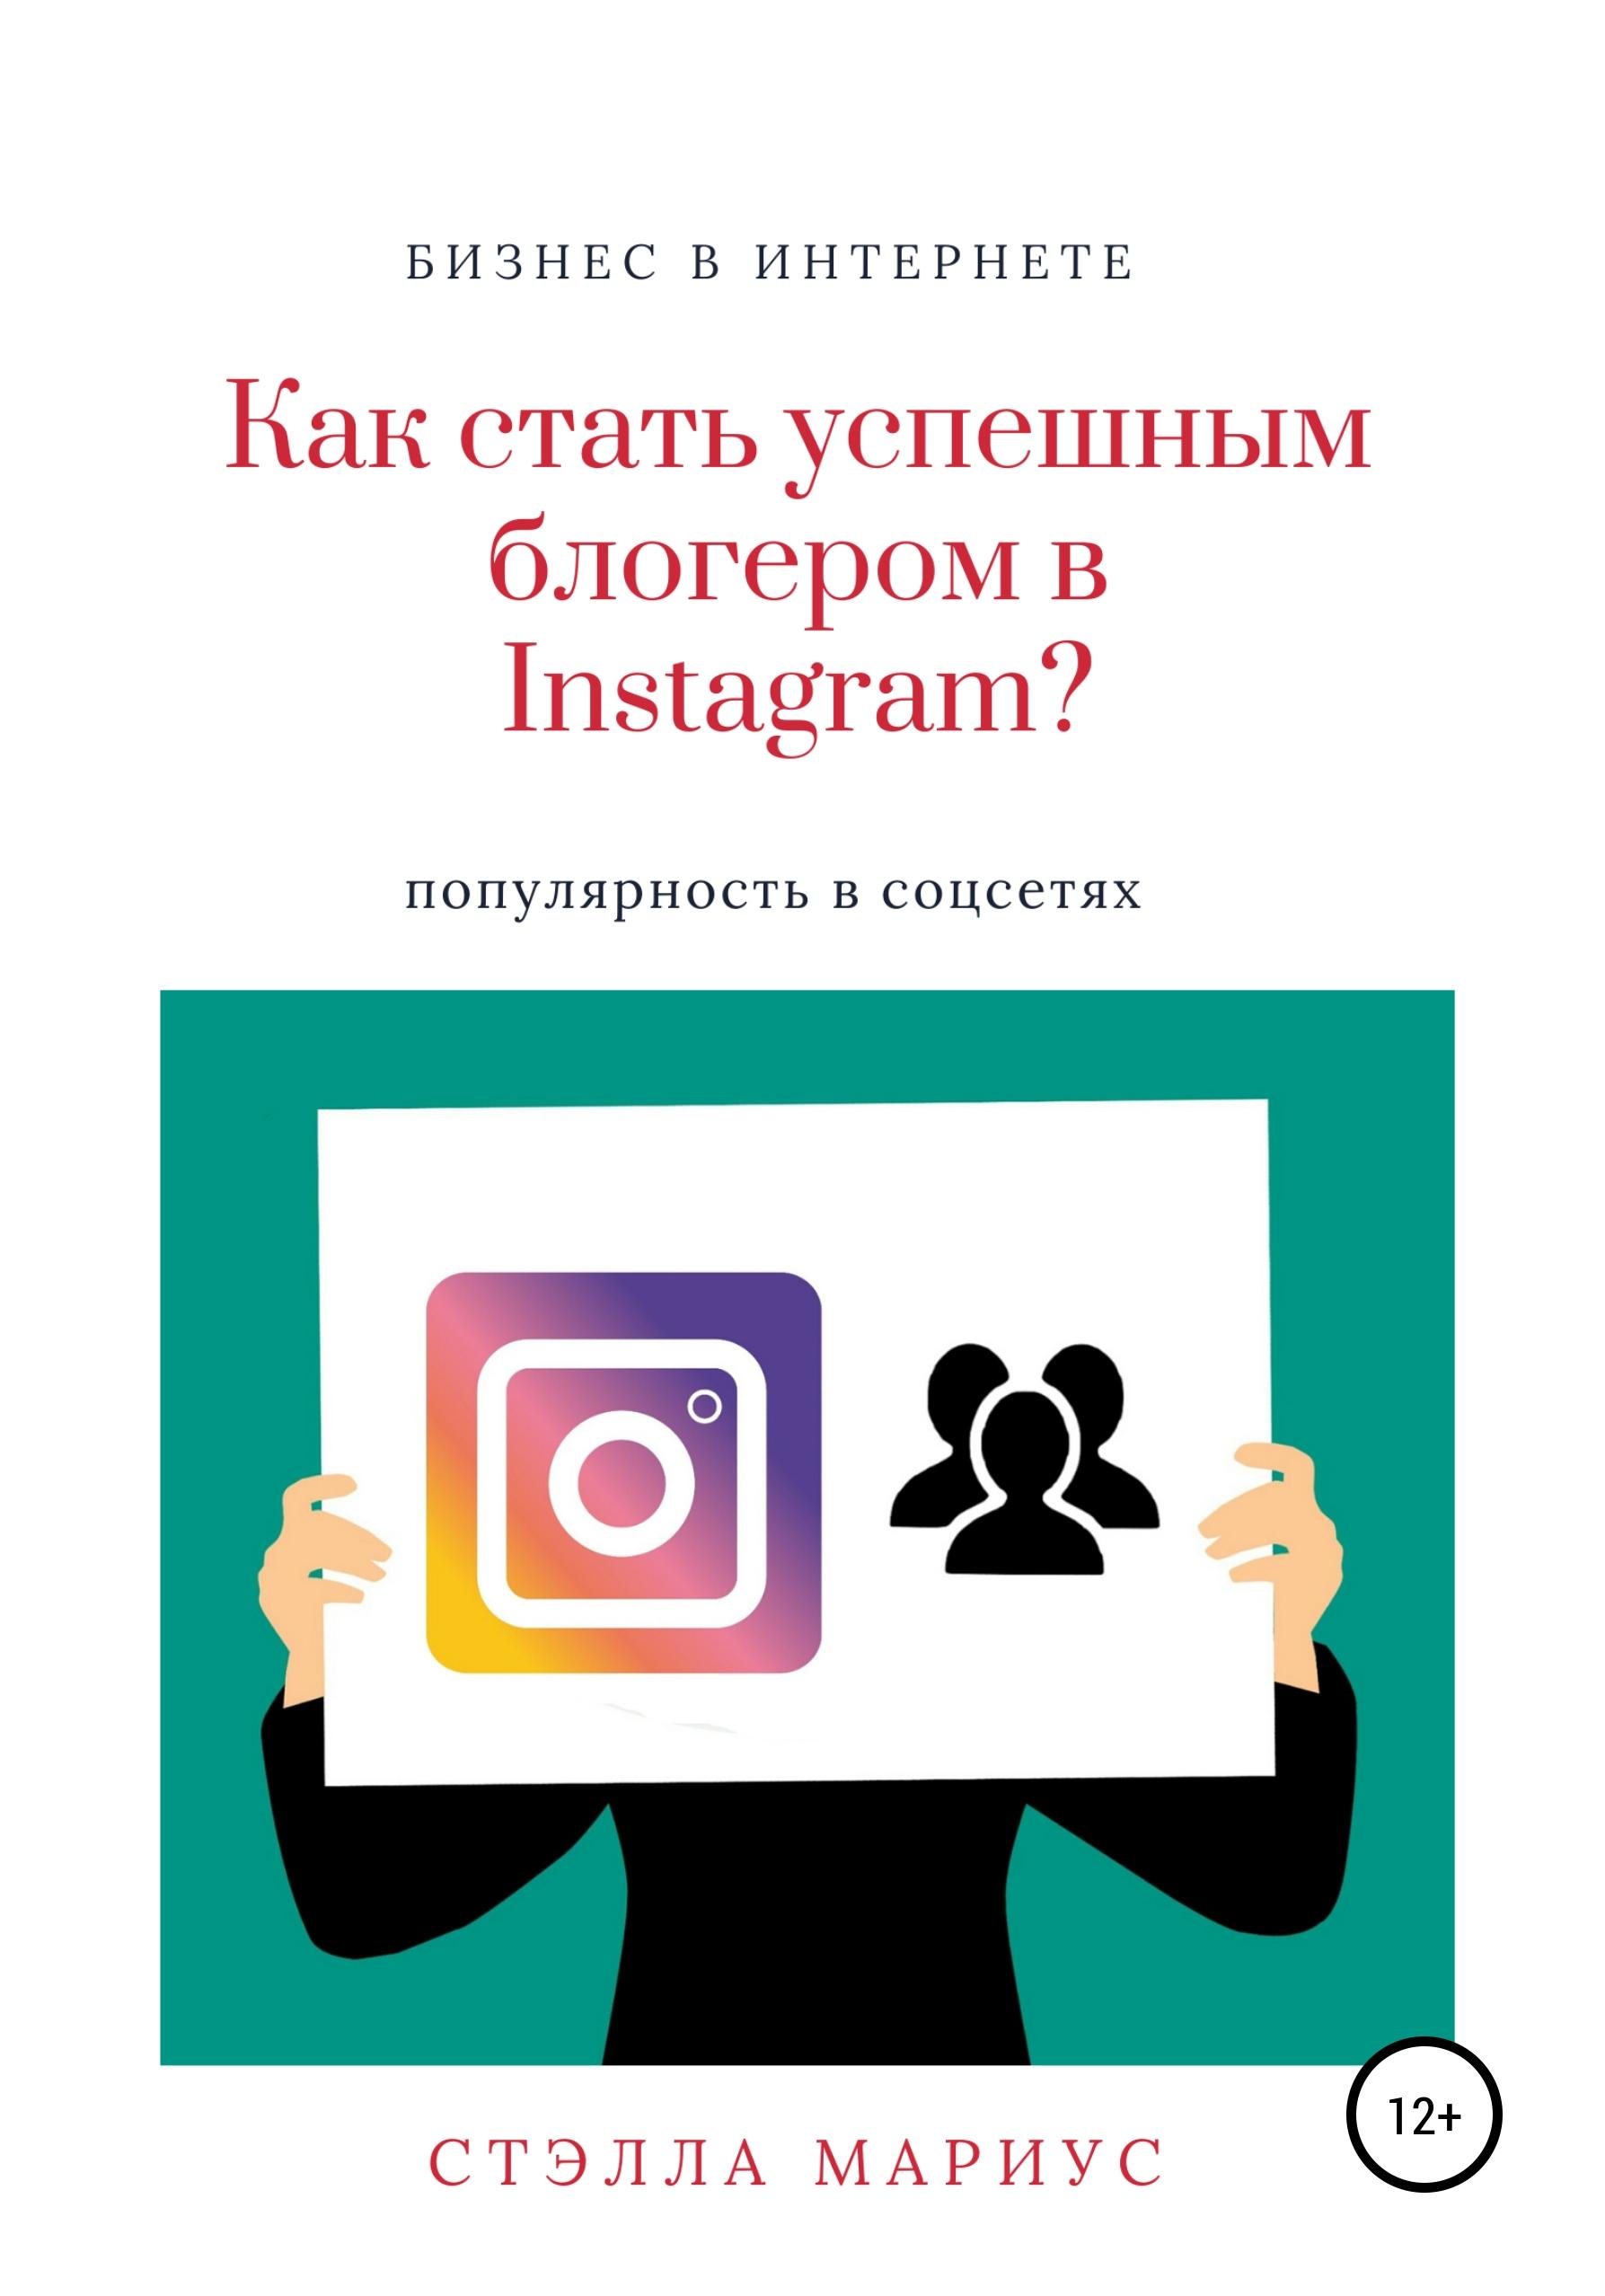 Купить книгу Как стать успешным блогером в Instagram?, автора Стэллы Мариуса